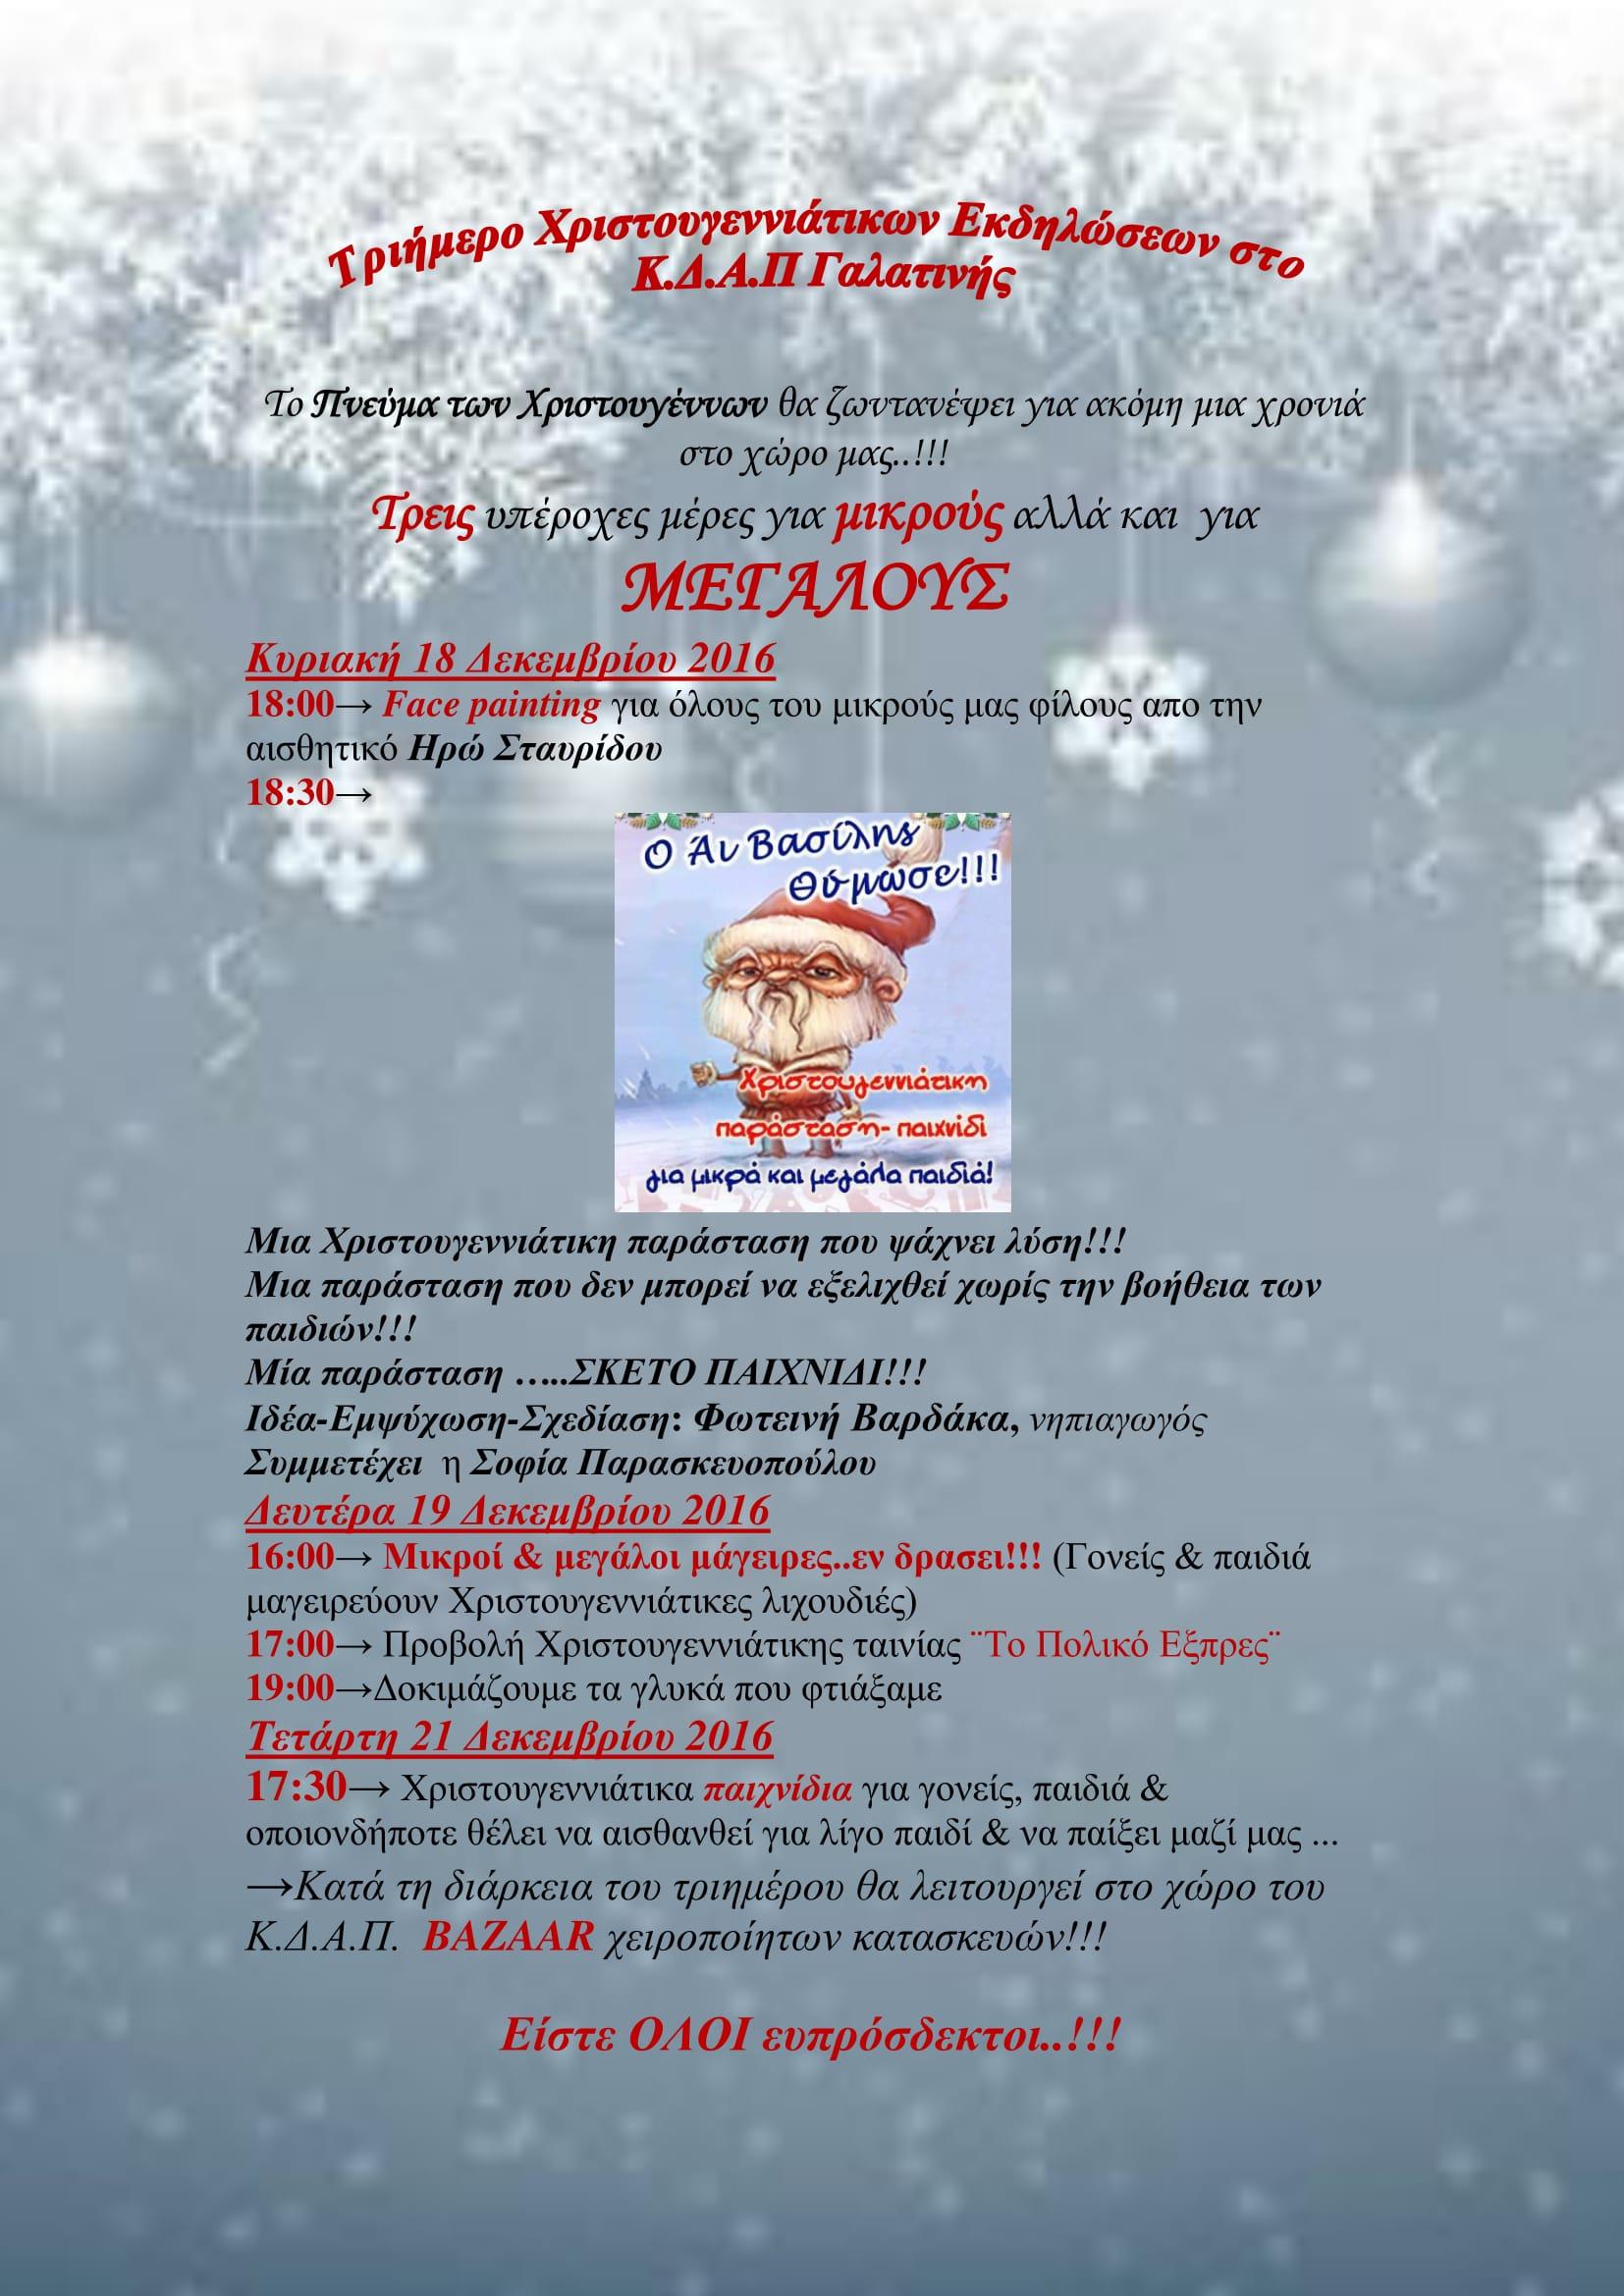 Τριήμερο Χριστουγεννιάτικων Εκδηλώσεων στο Κ.Δ.Α.Π. Γαλατινής